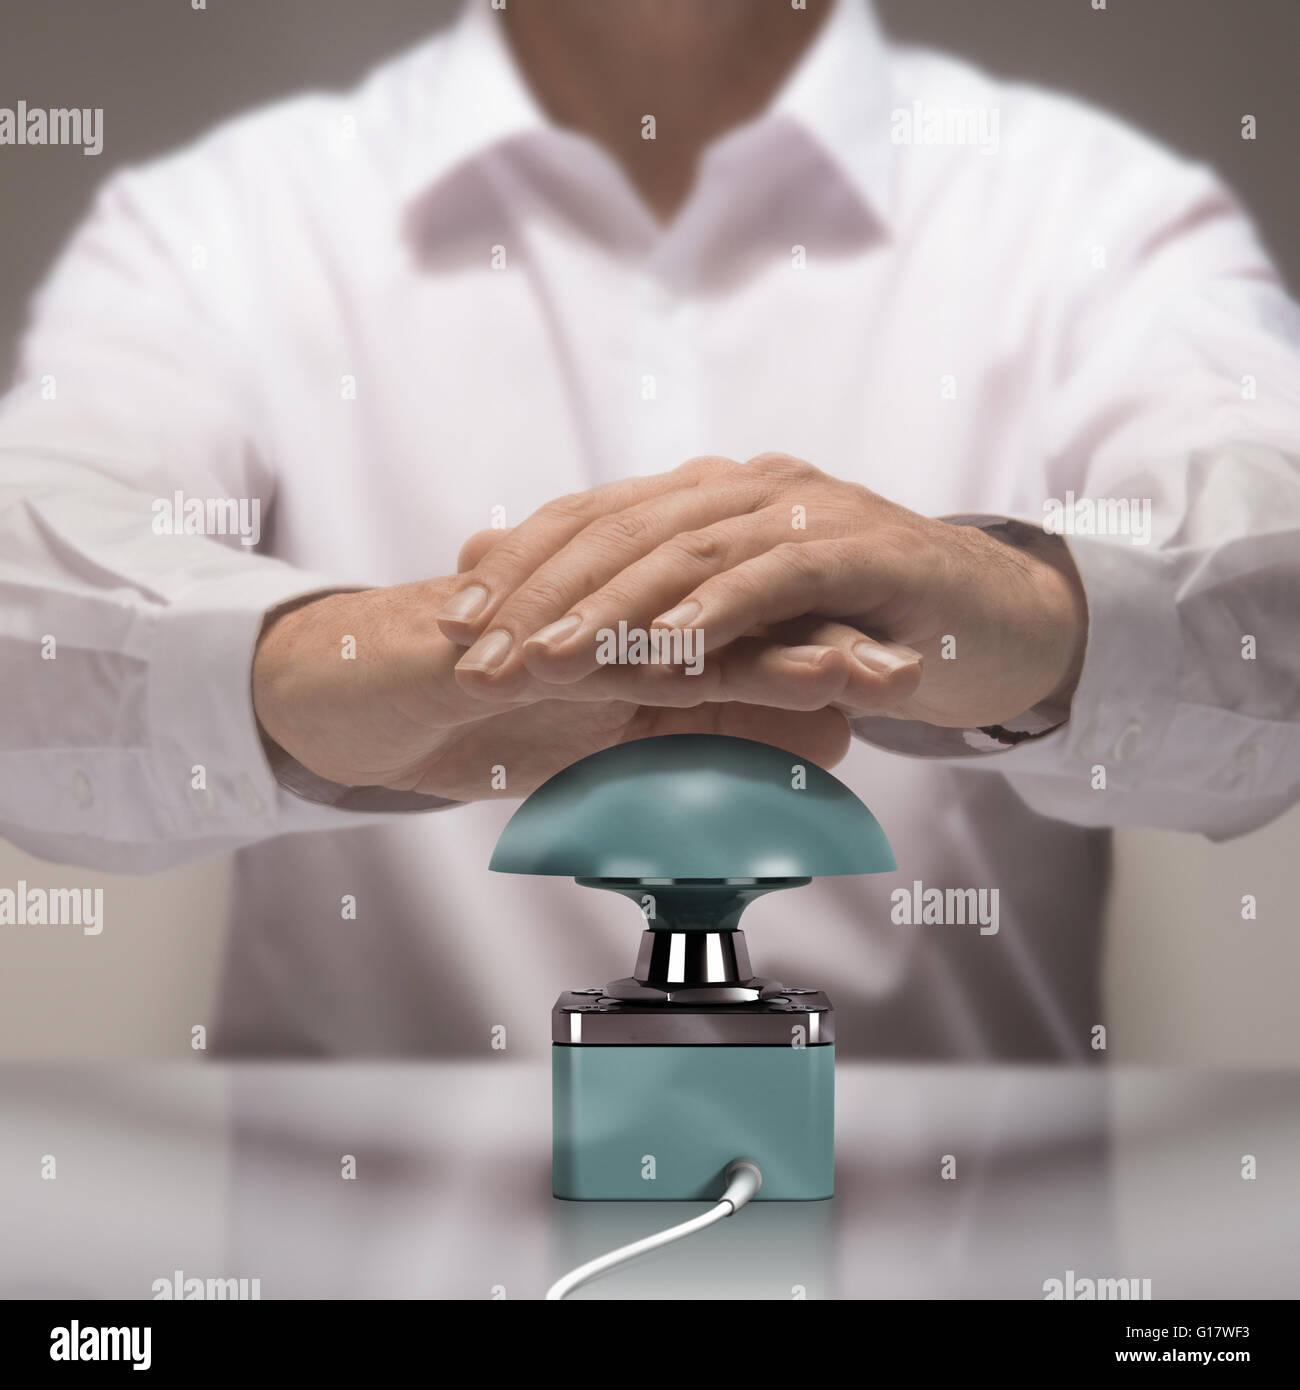 Image Compositing zwischen Fotografie und 3D Busser. Mann mit beiden Händen die Taste für die Beantwortung Stockbild